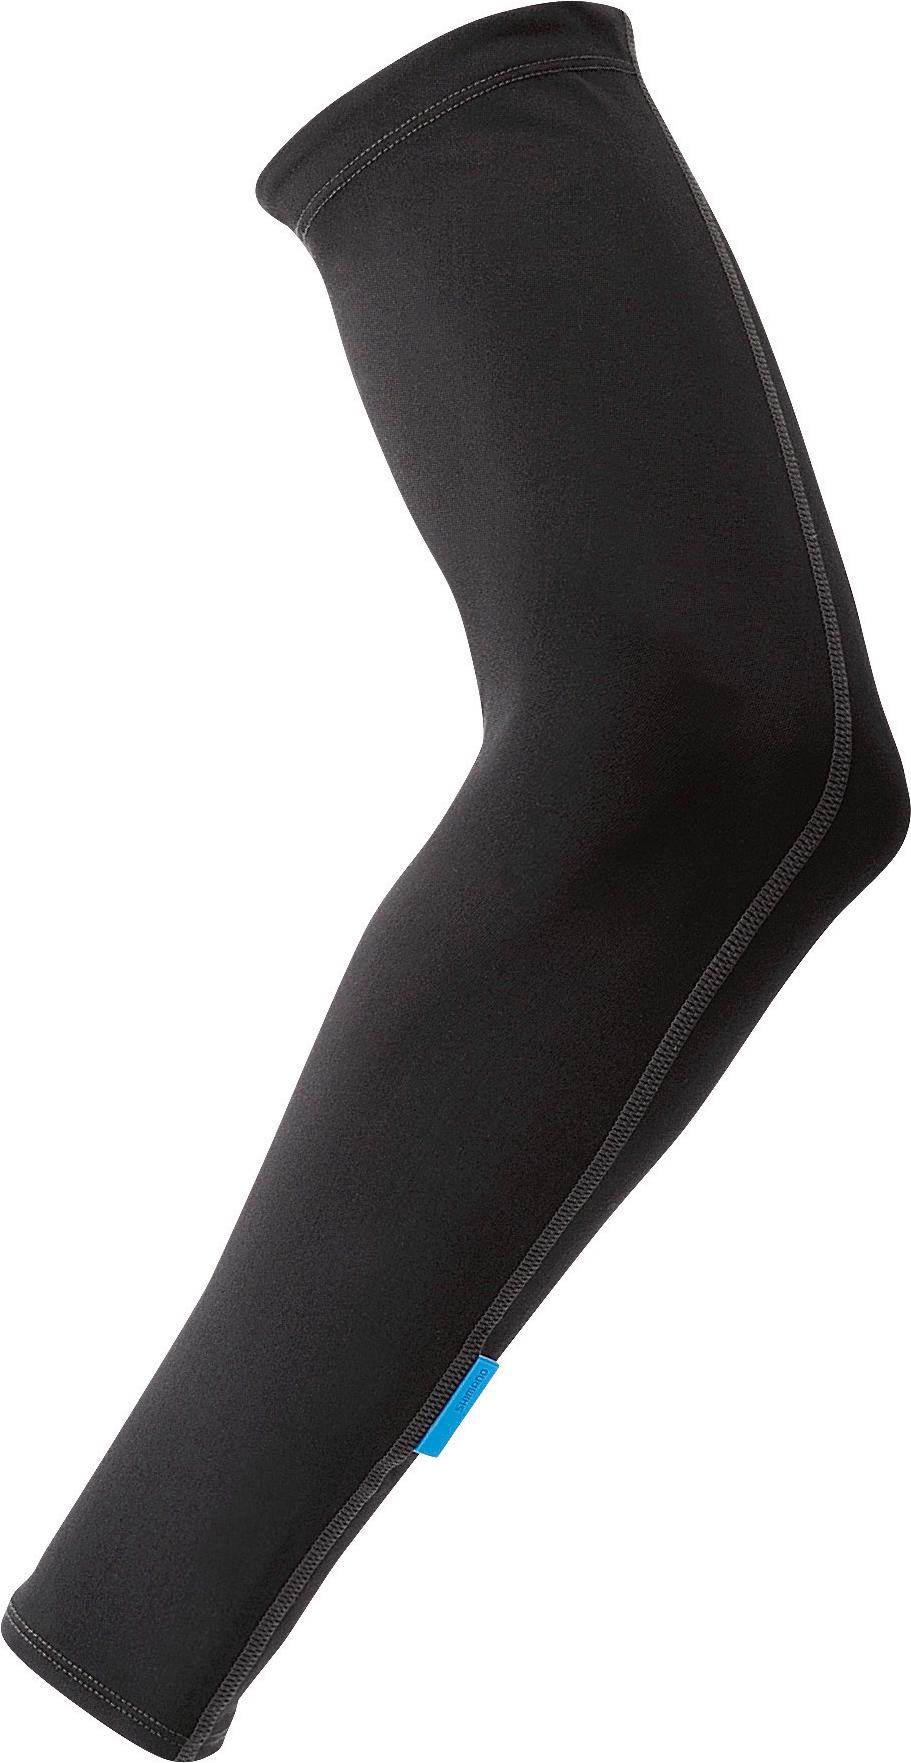 Shimano Thermal návleky na ruce, černá, L